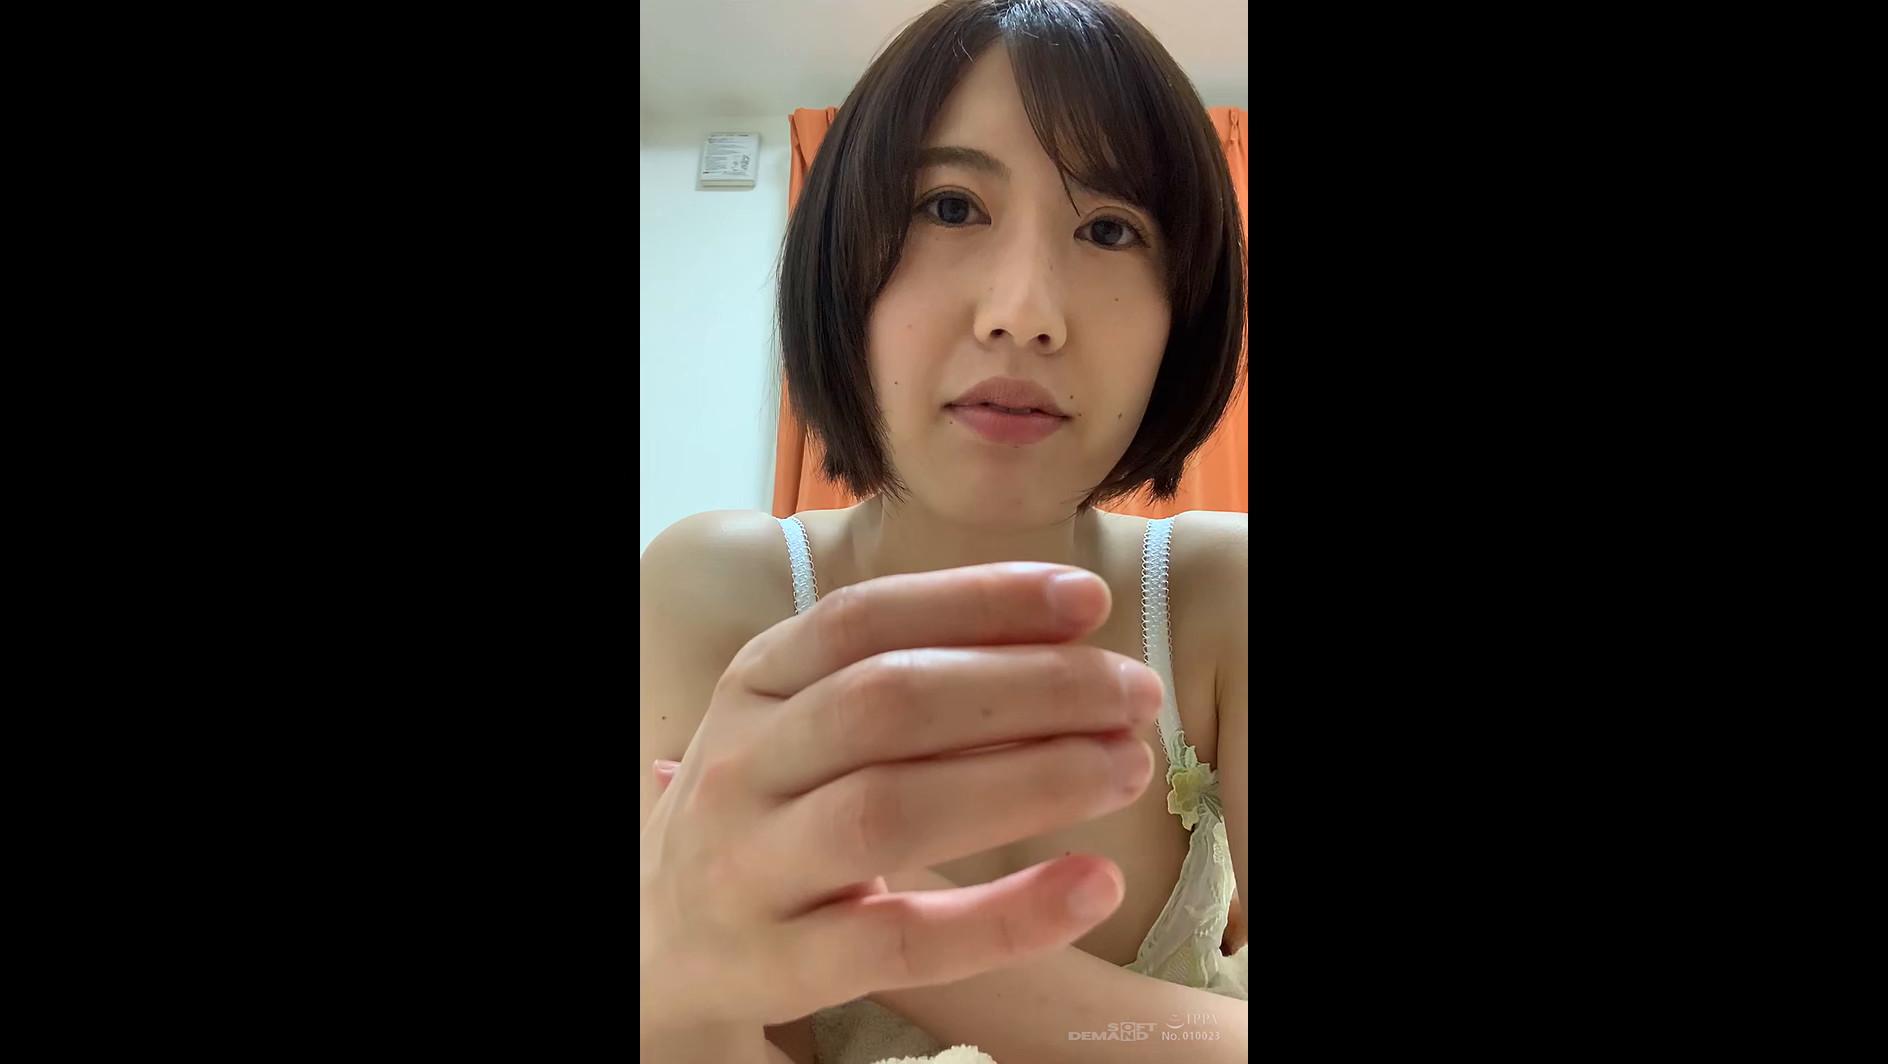 ビデオ通話エッチ JOI ユイ 【縦動画】 画像2